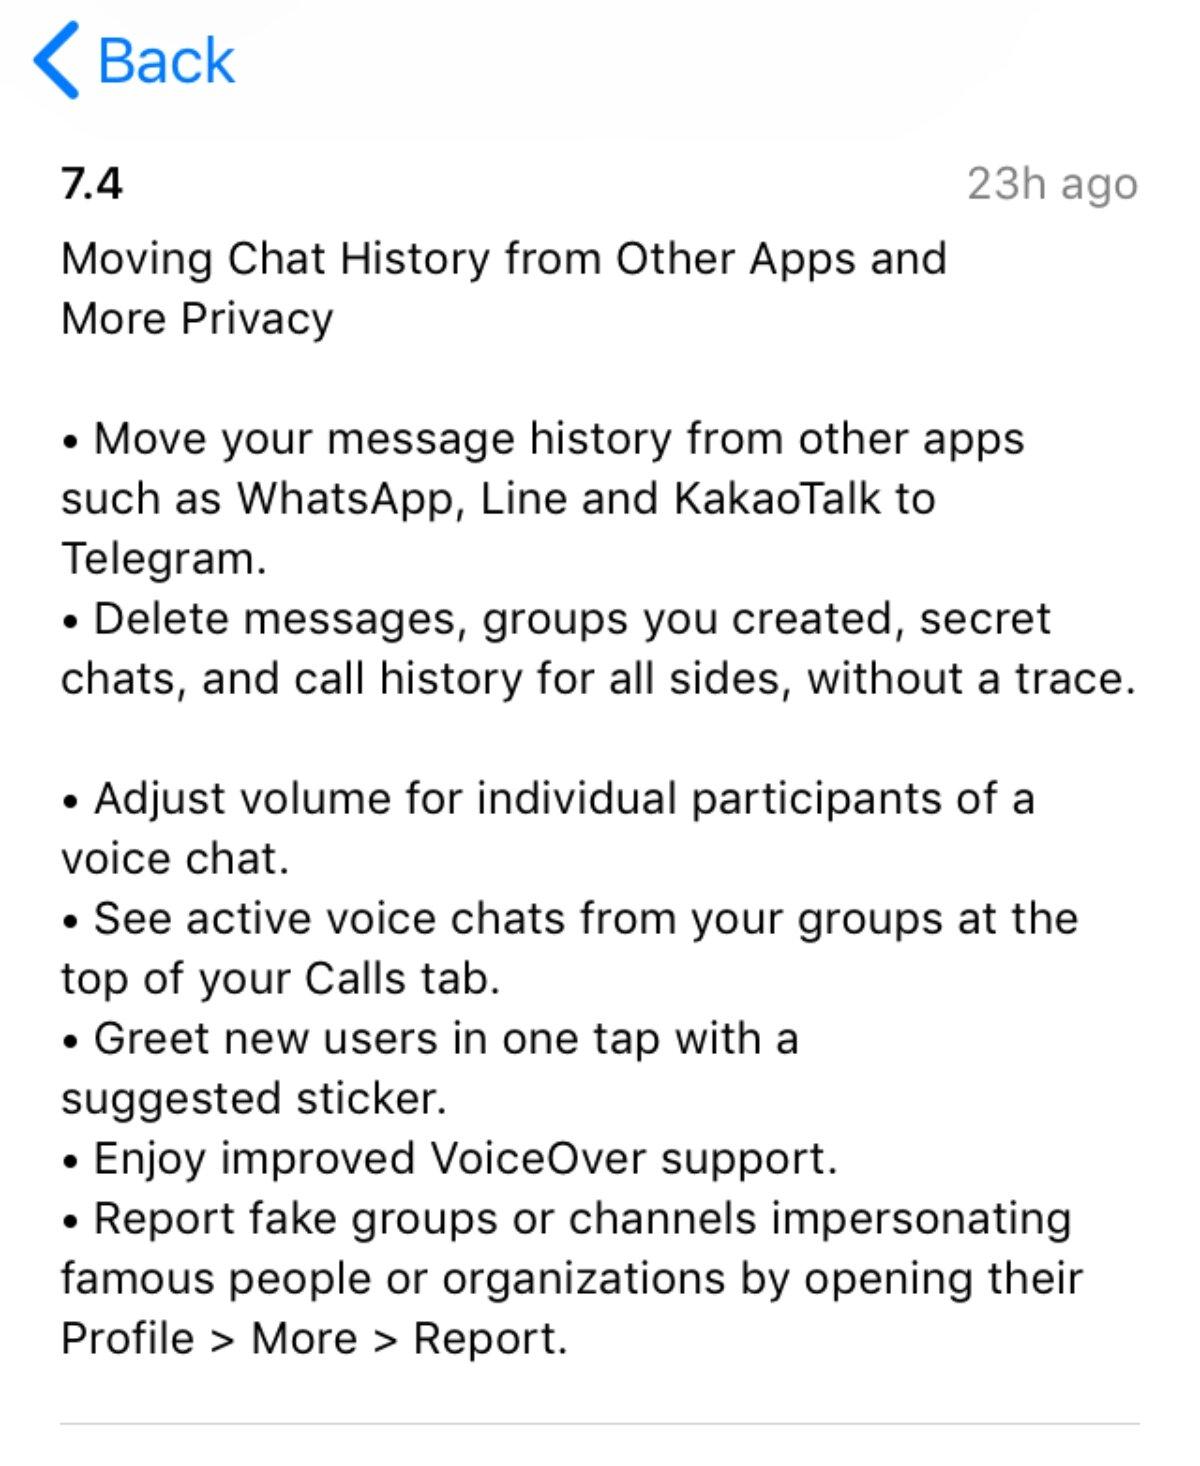 Voici les changements que Telegram version 7.4 intègre